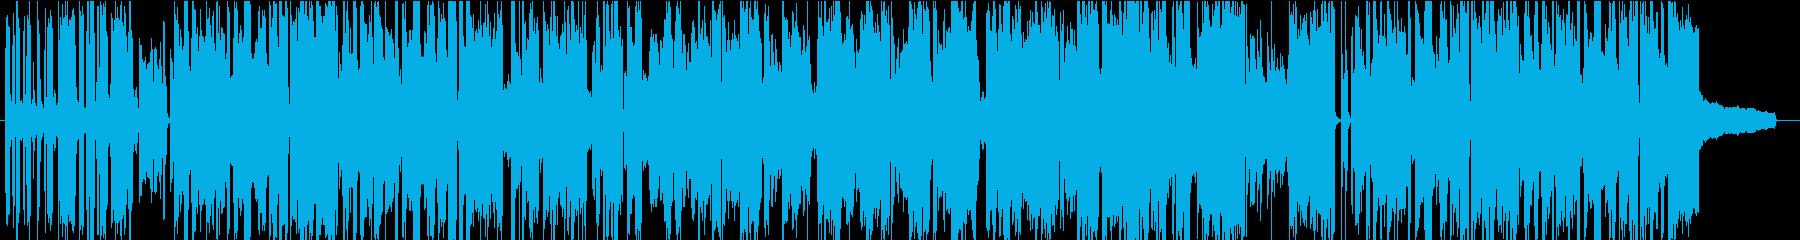 アニメ CM 問題解決からの大団円の再生済みの波形